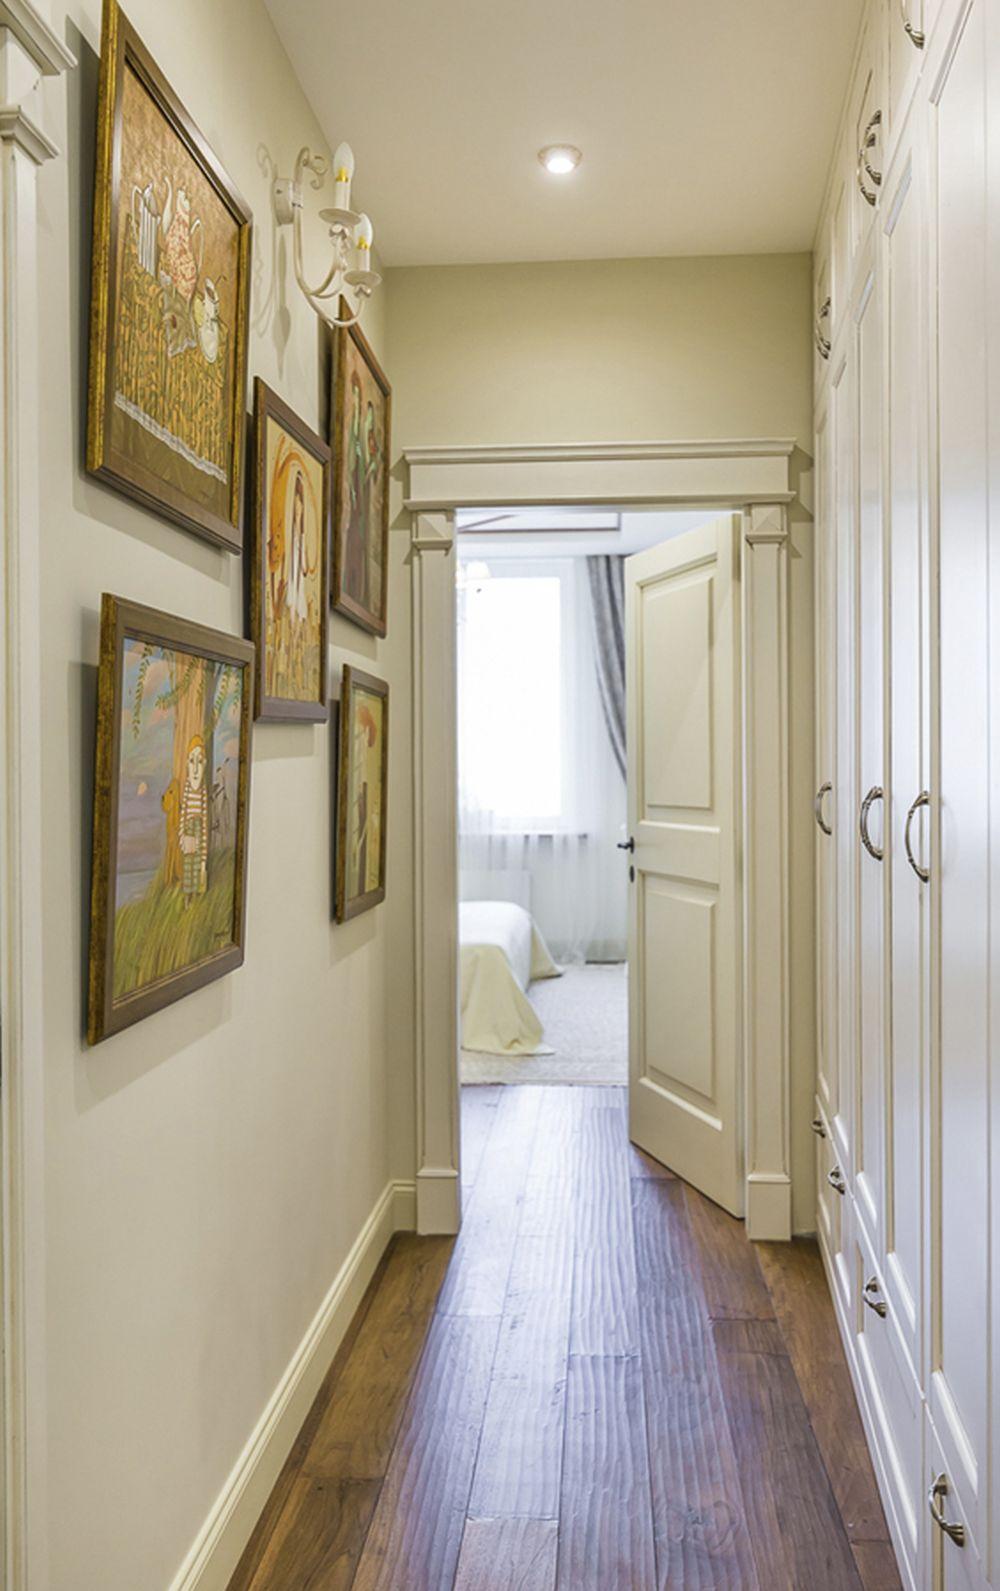 adelaparvu.com despre apartament 2 camere 82 mp, Rusia, designer Svetlana Yurkova (4)